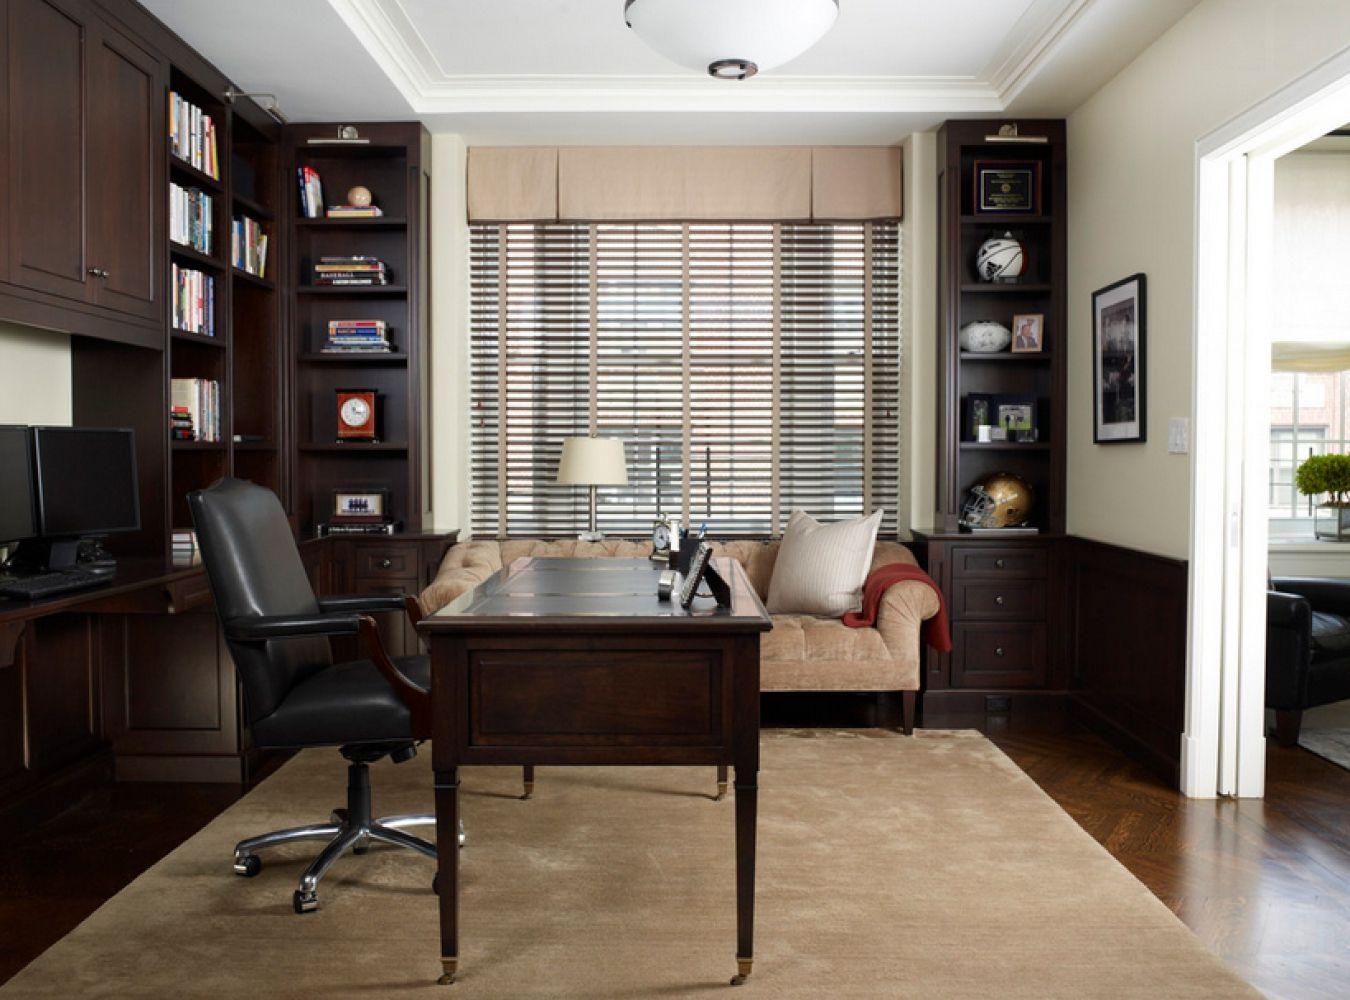 выше дизайн домашнего кабинета с фото определенным фильтром